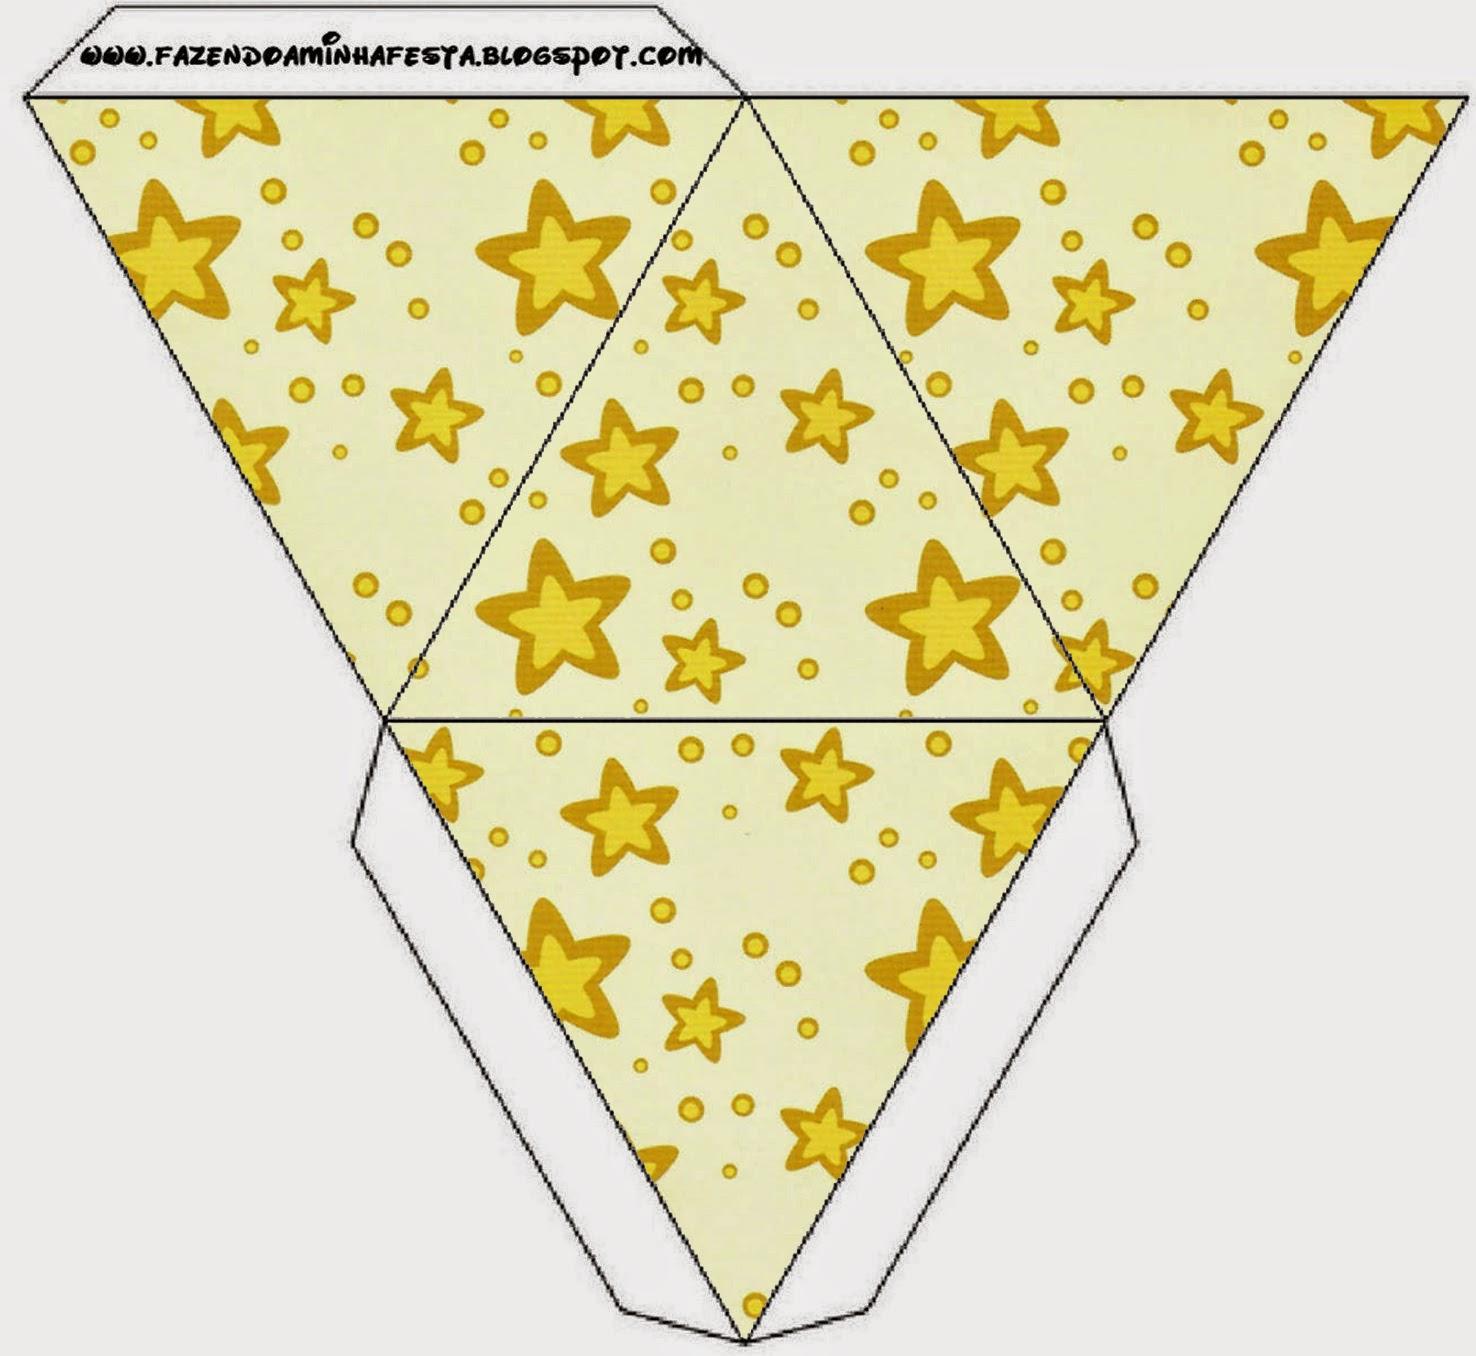 Caja con forma de pirámide de Estrellas Doradas y Rayas de Colores.